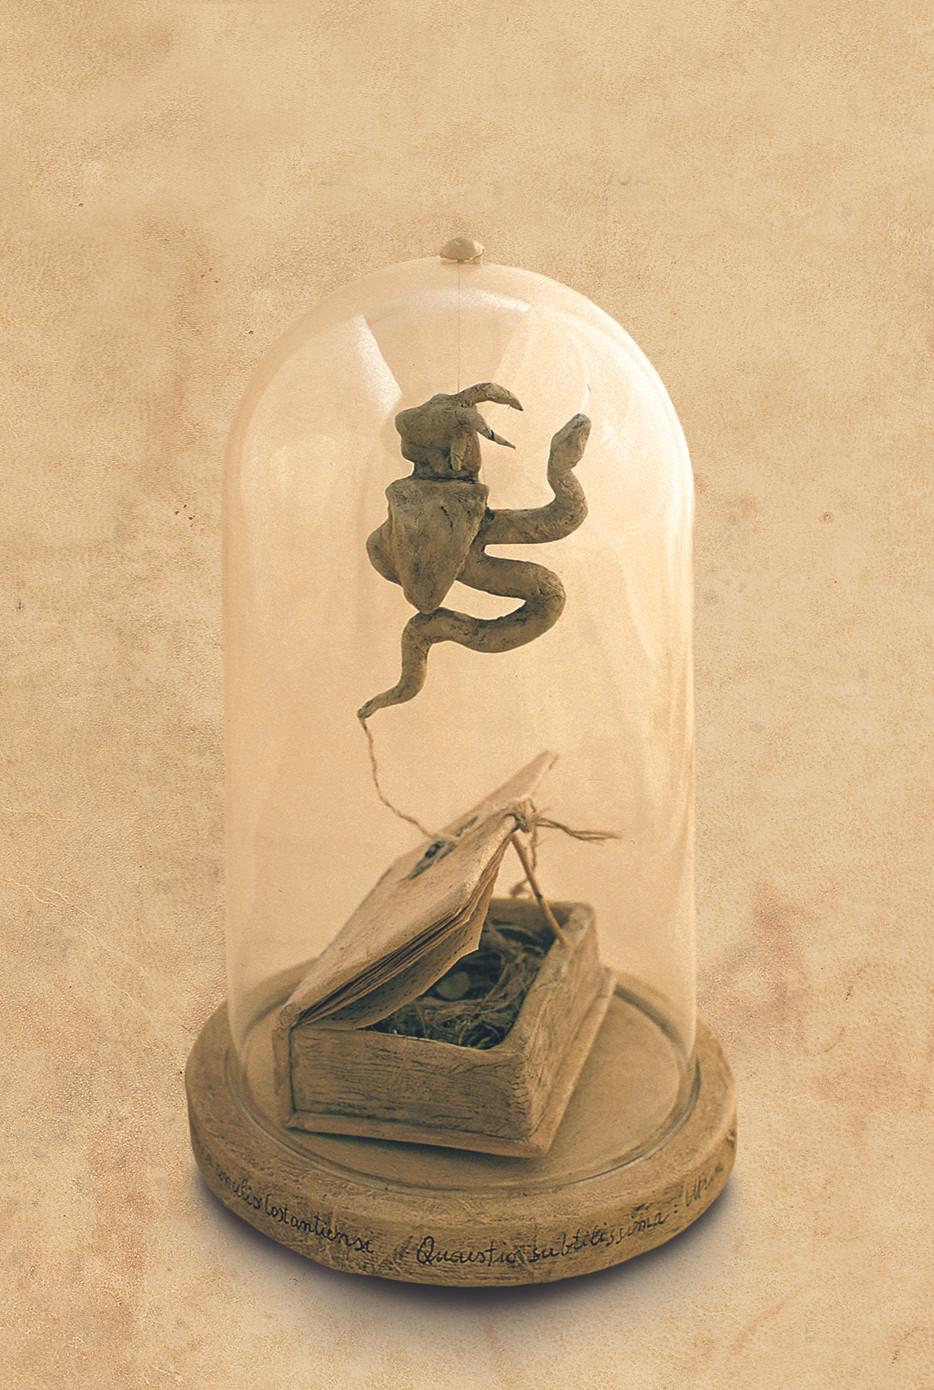 Questio subtilissima, intrum Chimera..., 2003, vetro carta legno, H cm 28